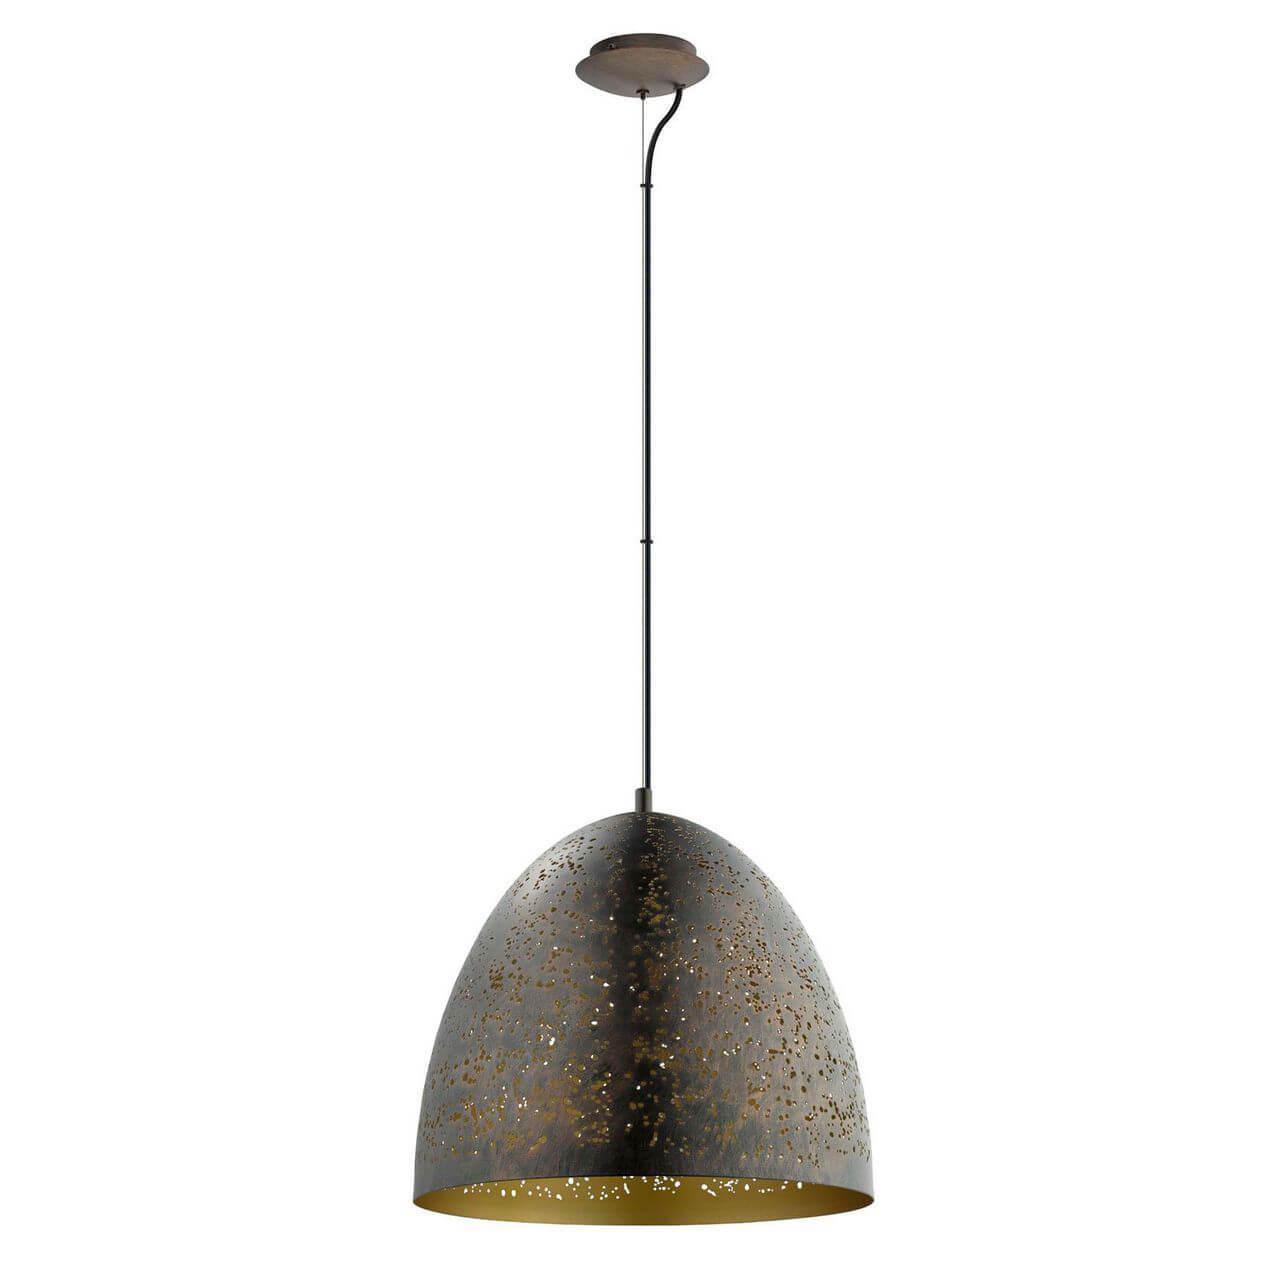 Подвесной светильник Eglo 49815, E27, 60 Вт